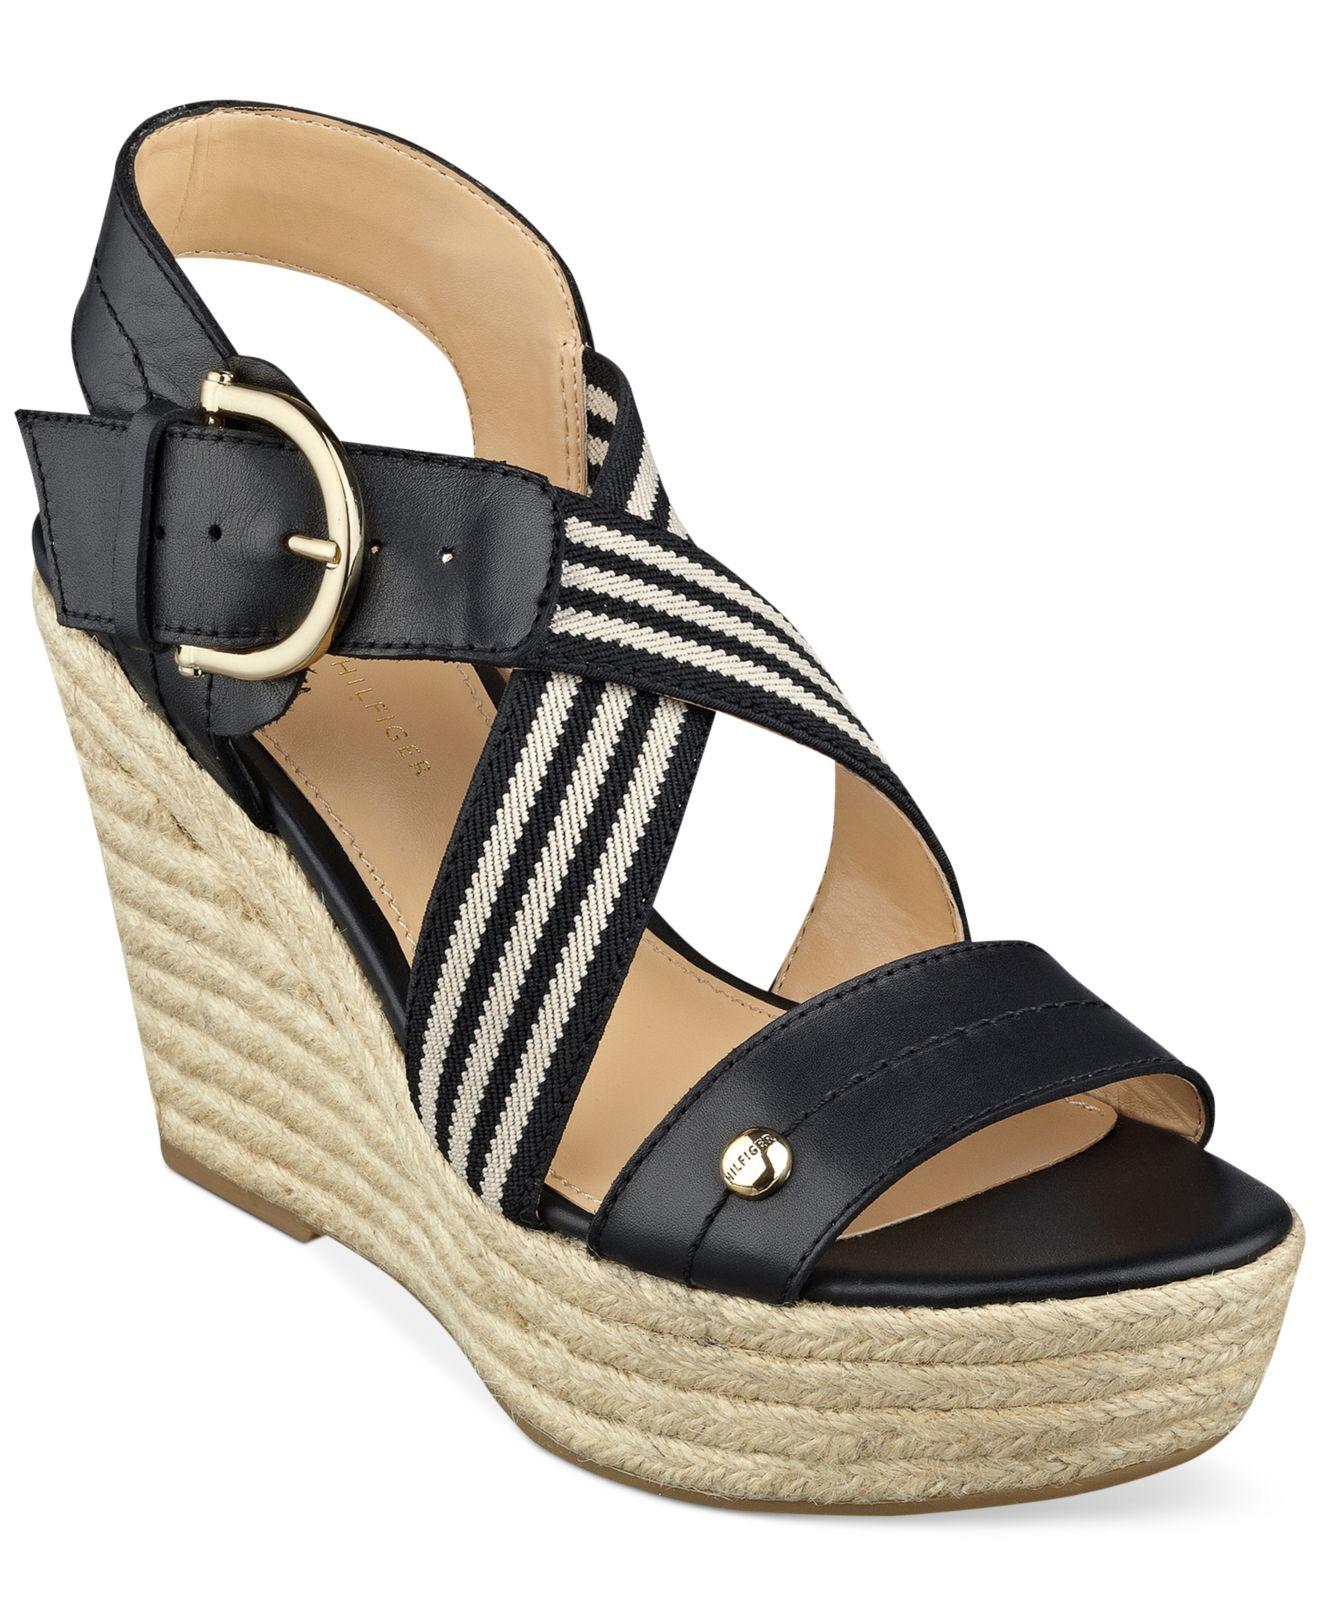 tommy hilfiger women 39 s ignacia platform wedge sandals in black lyst. Black Bedroom Furniture Sets. Home Design Ideas